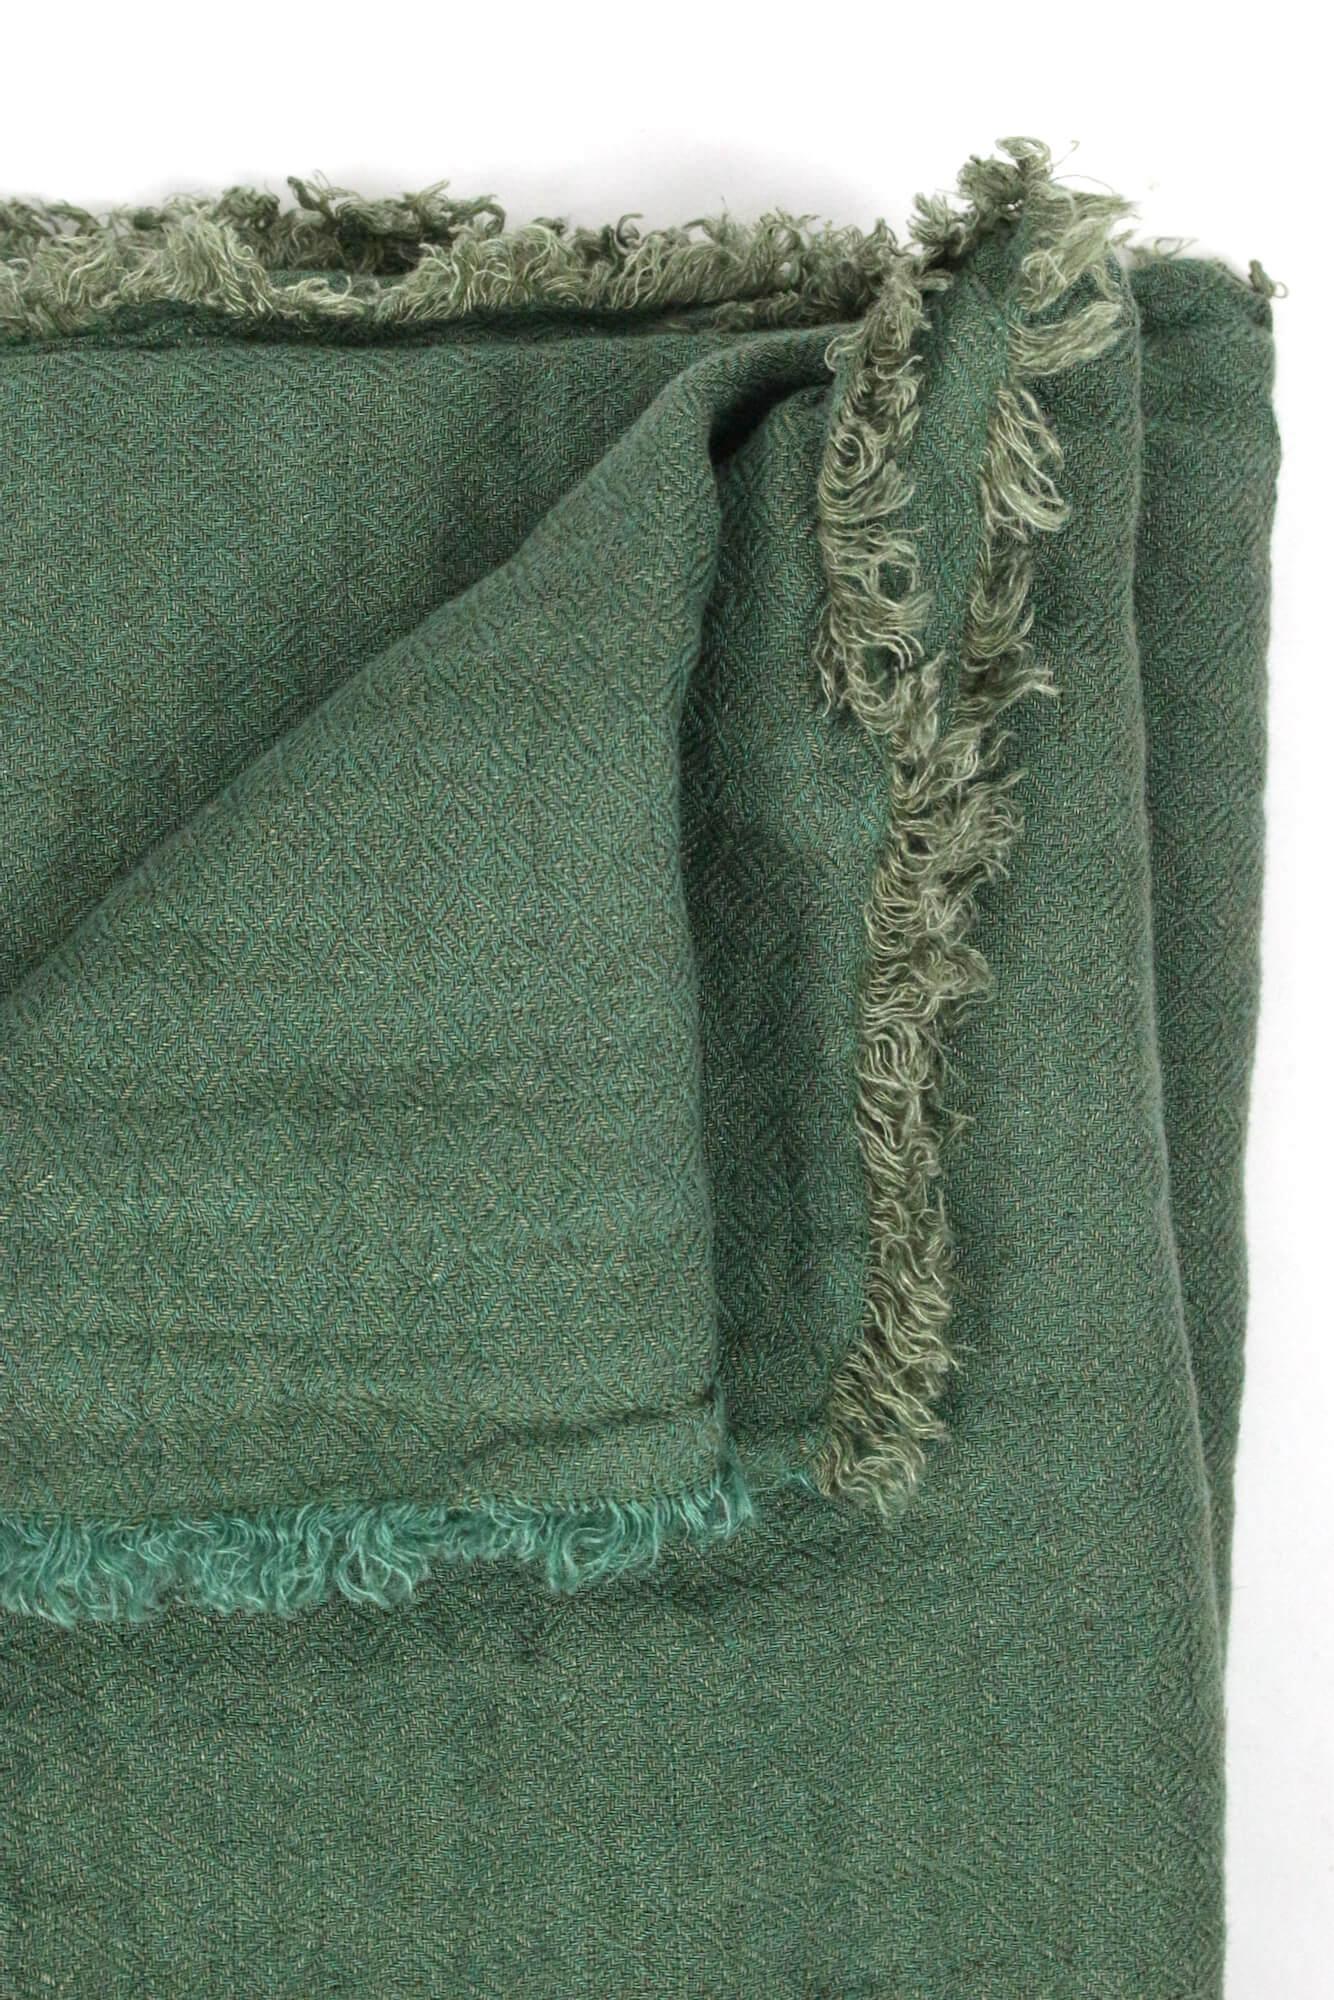 Leinenplaid tannengrün gewaschenes Leinen